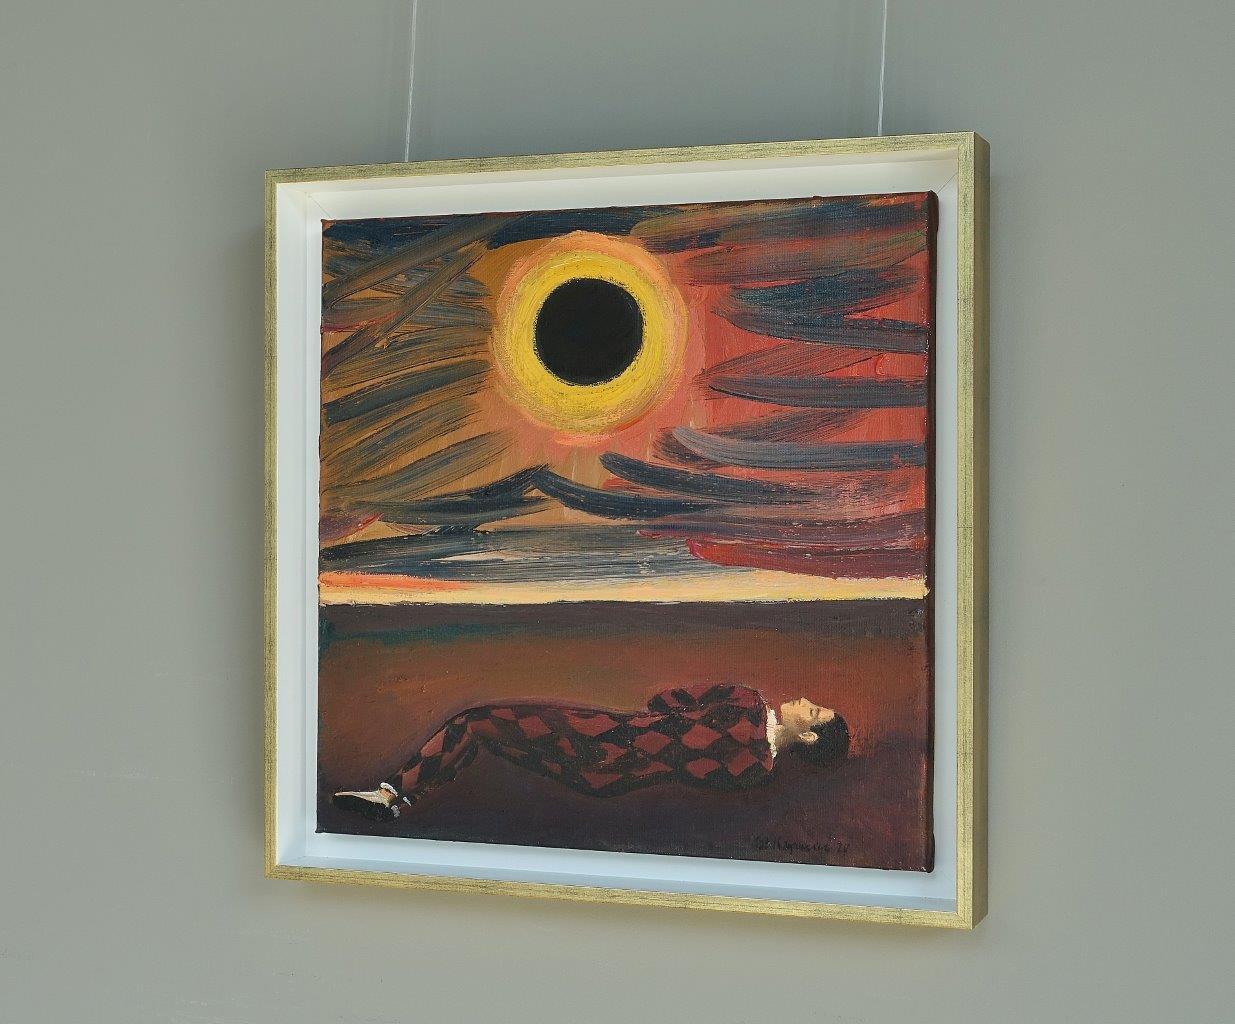 Katarzyna Karpowicz : Under the solar eclipse